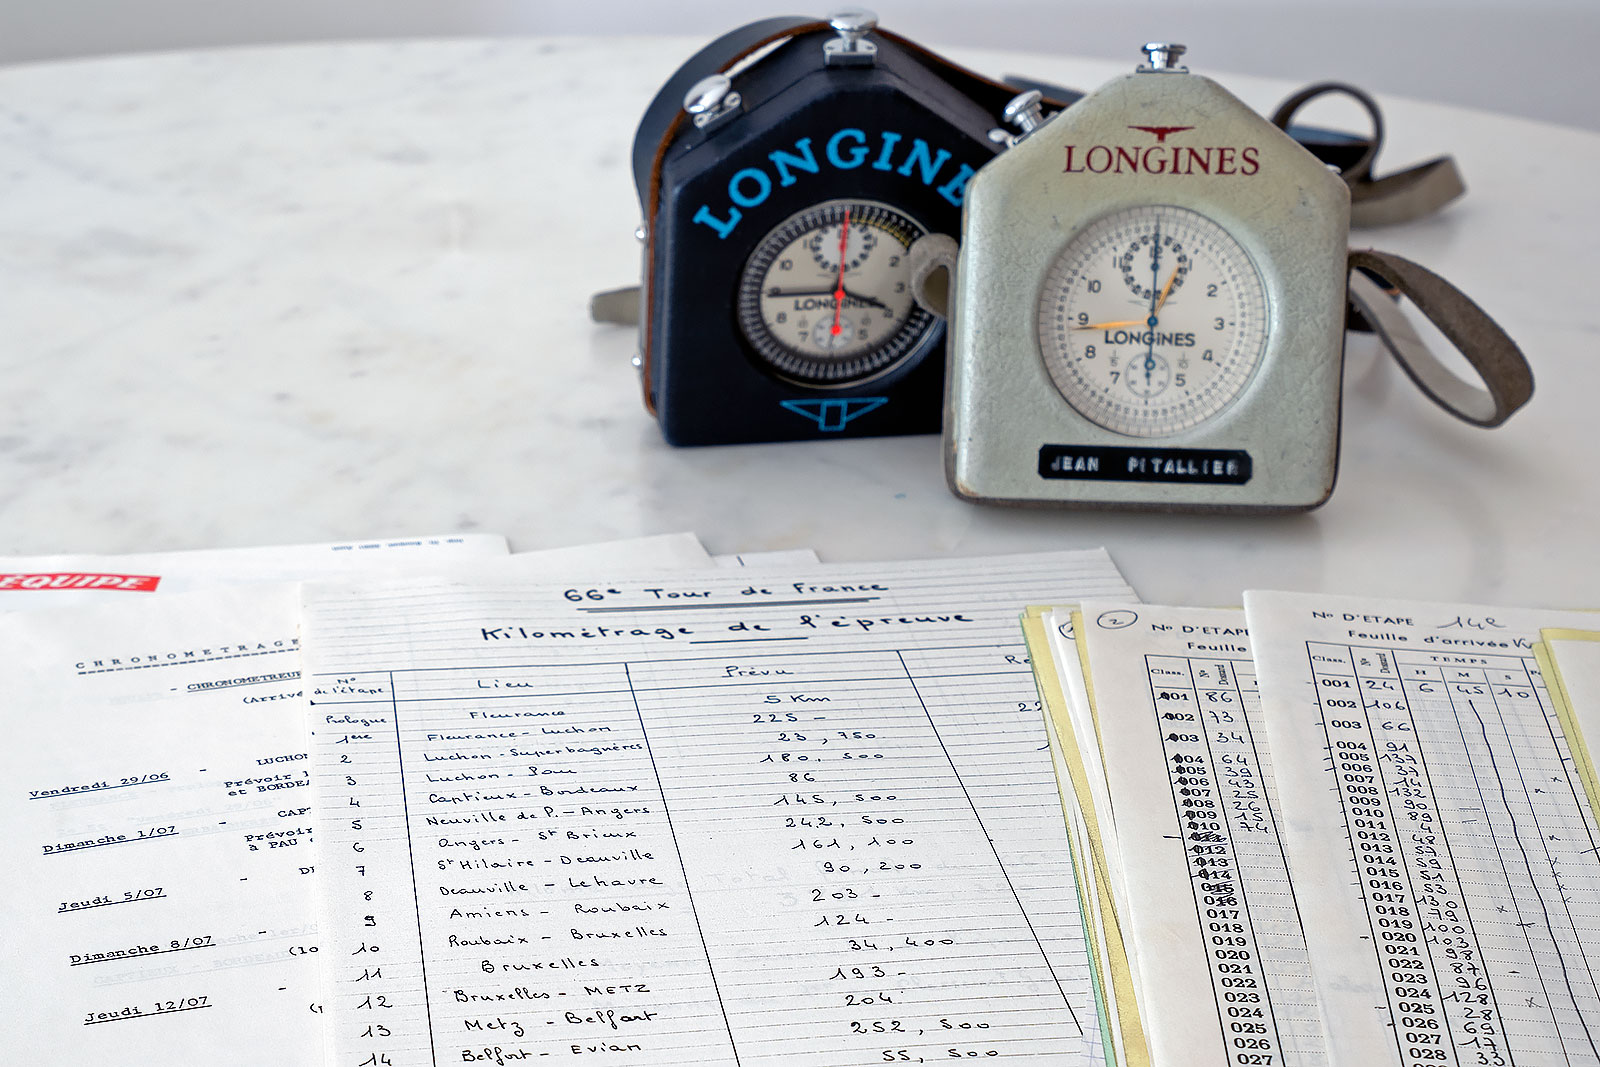 Longines chronograph tour de france pitallier 2